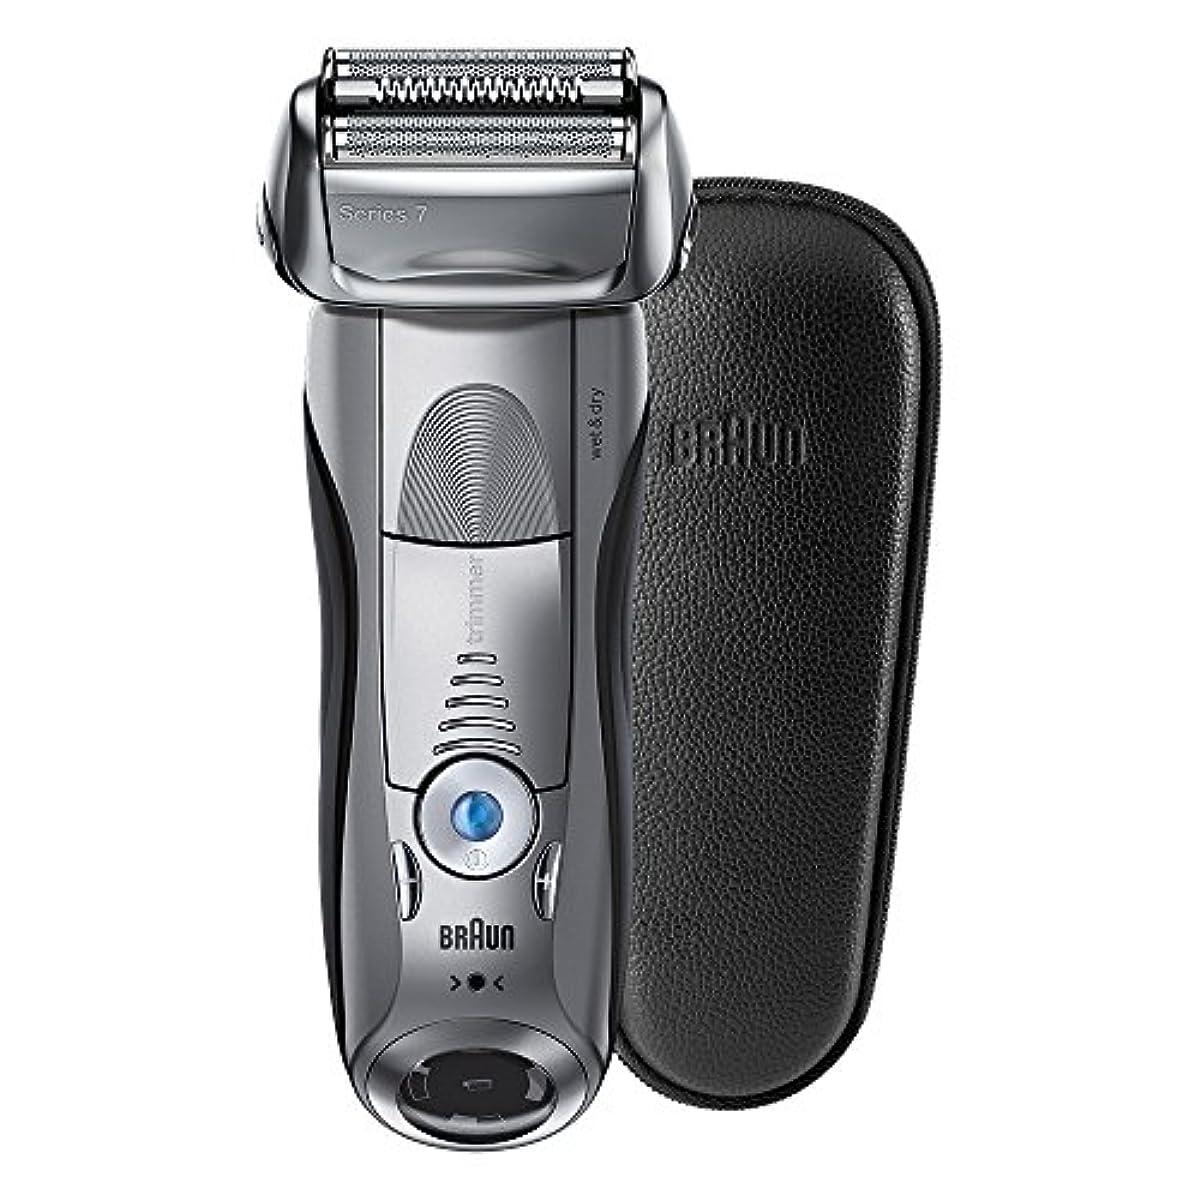 三プロトタイプ町ブラウン メンズ電気シェーバー シリーズ7 7893s-SP 4カットシステム 水洗い/お風呂剃り可 本革ケース付